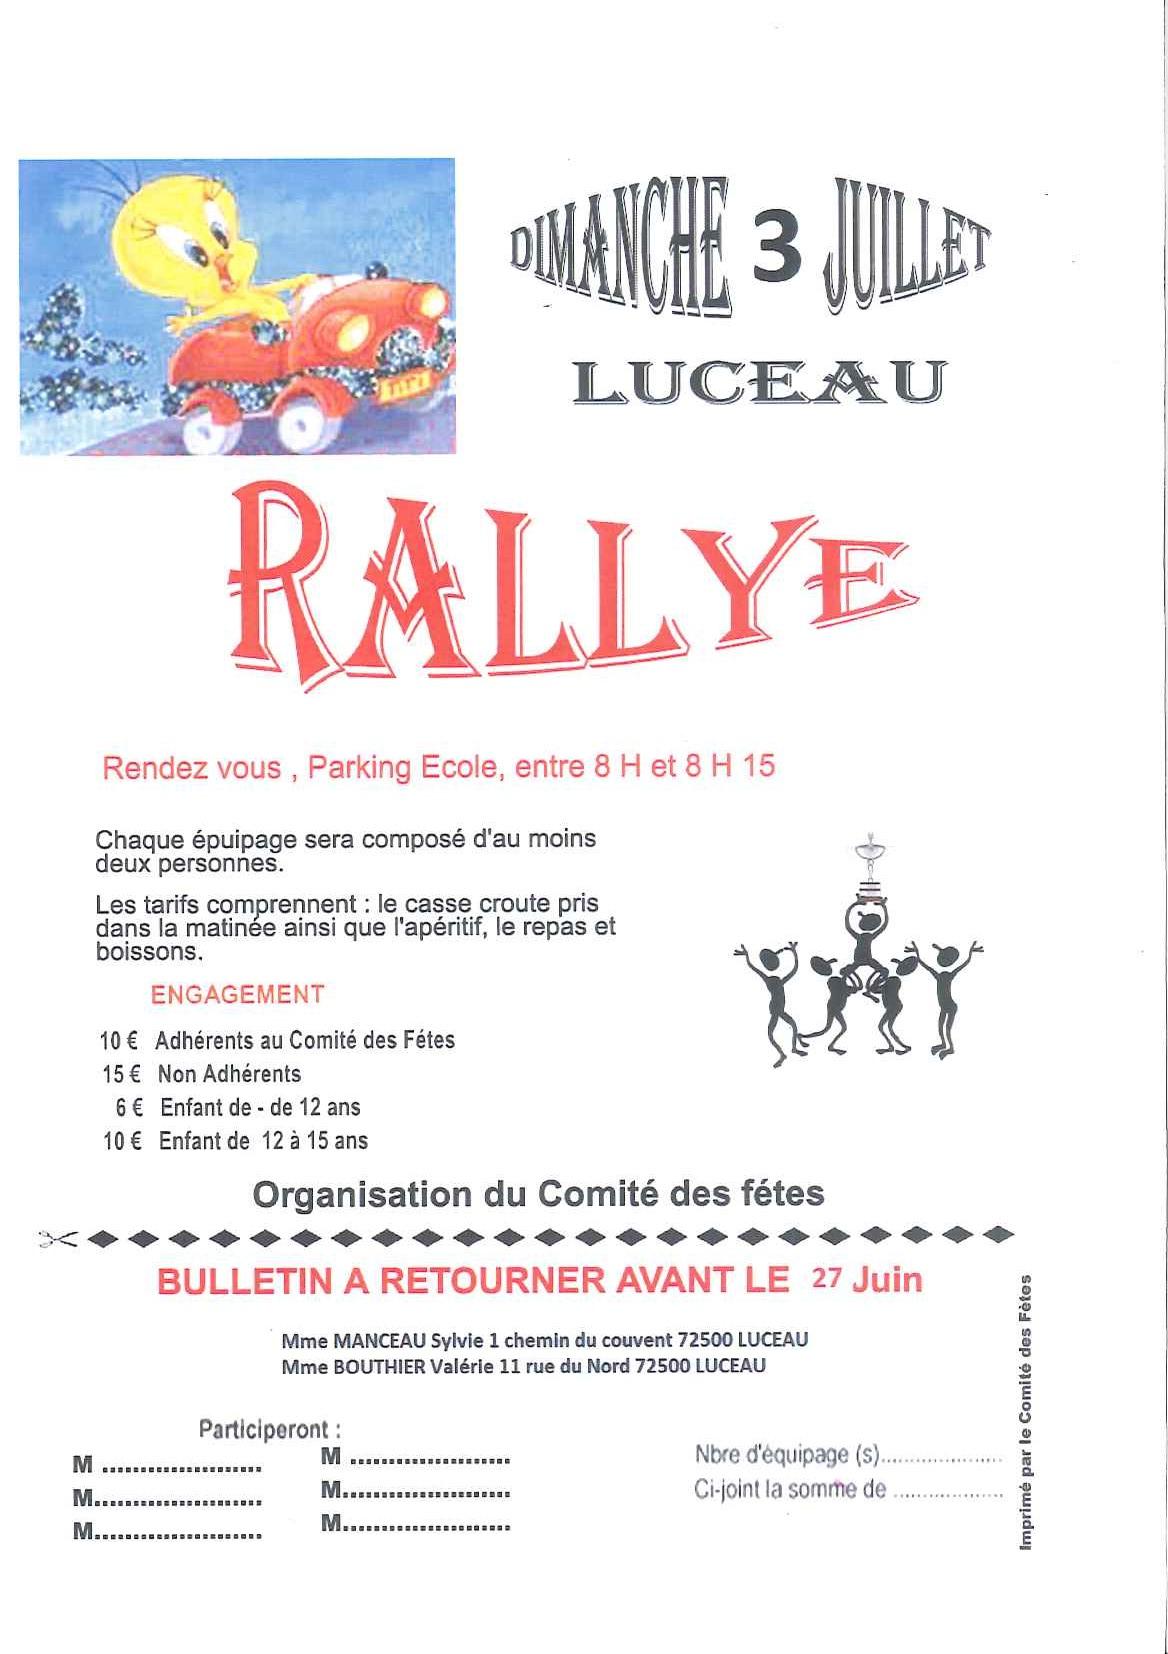 Rallye.jpg